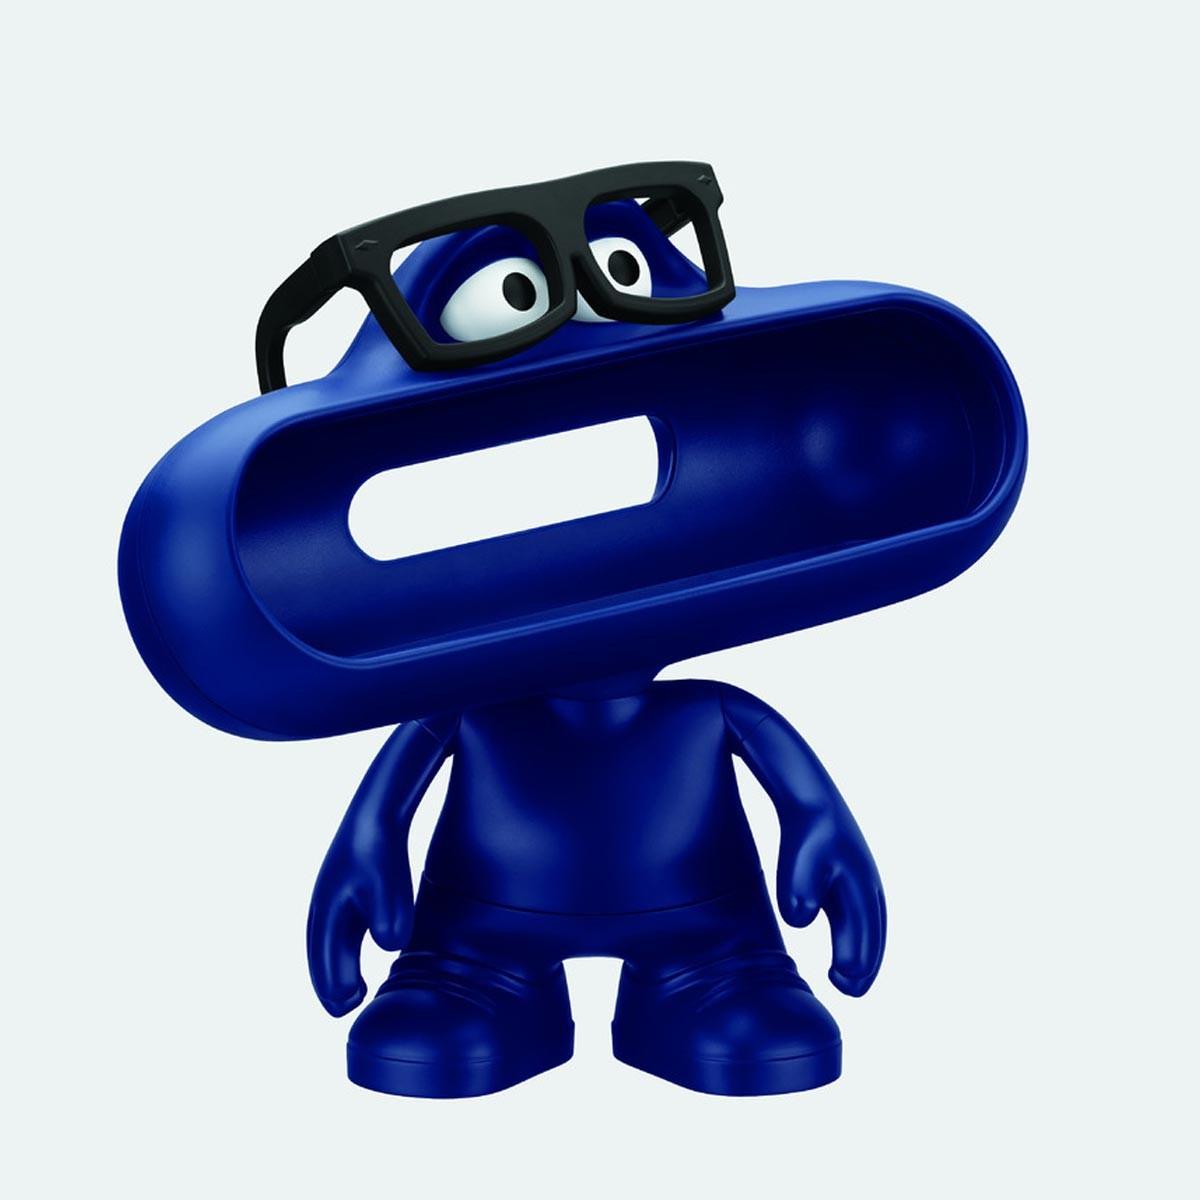 Синя пластмасова стойка Beats Pill Dude за колонките Beats Pill